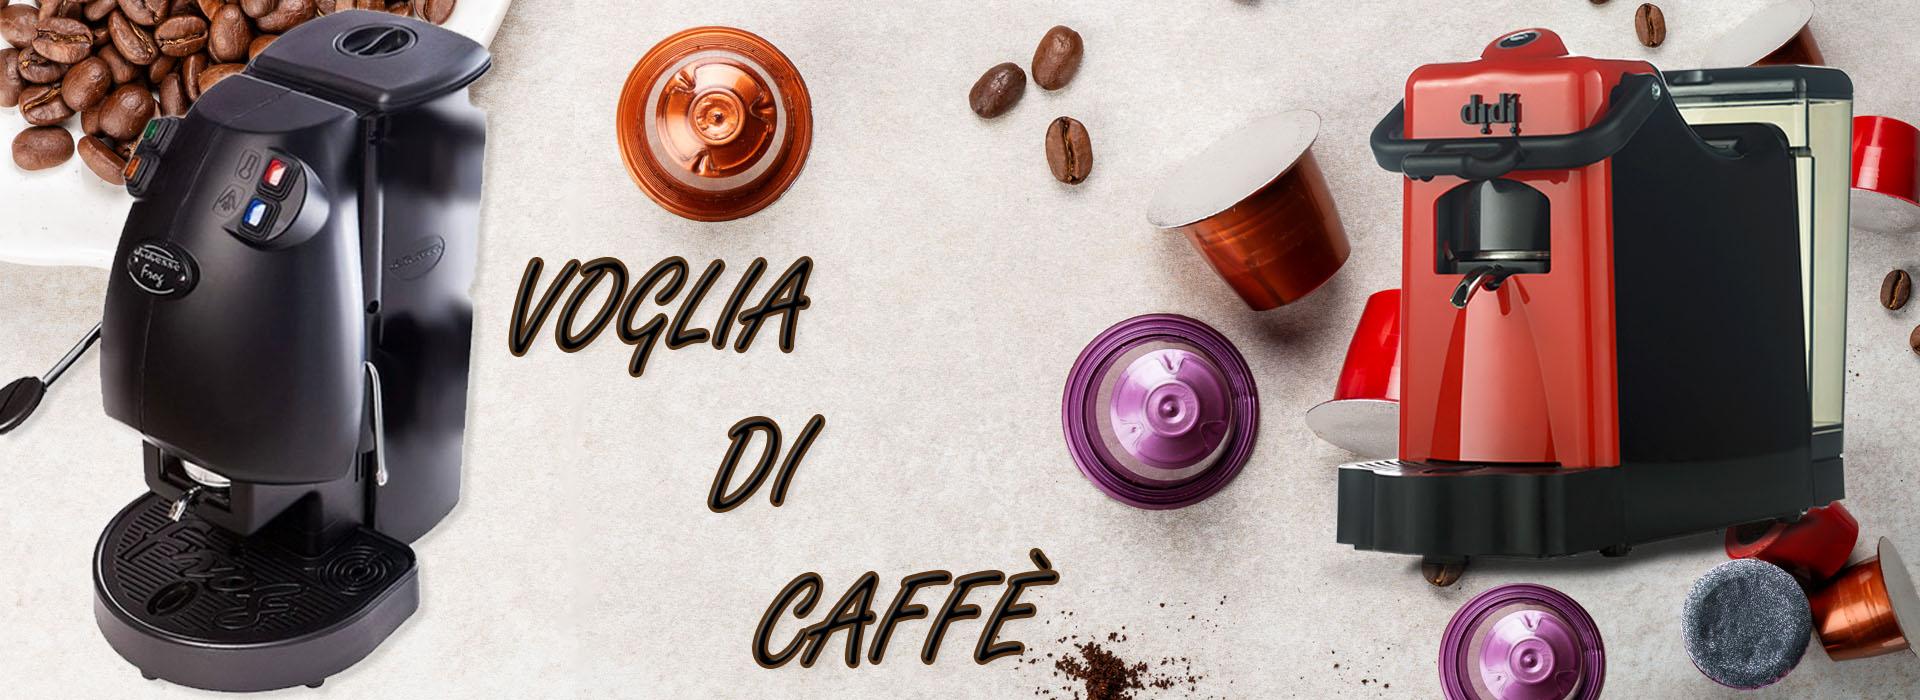 CAPSULE CIALDE MACCHINA CAFFÈ